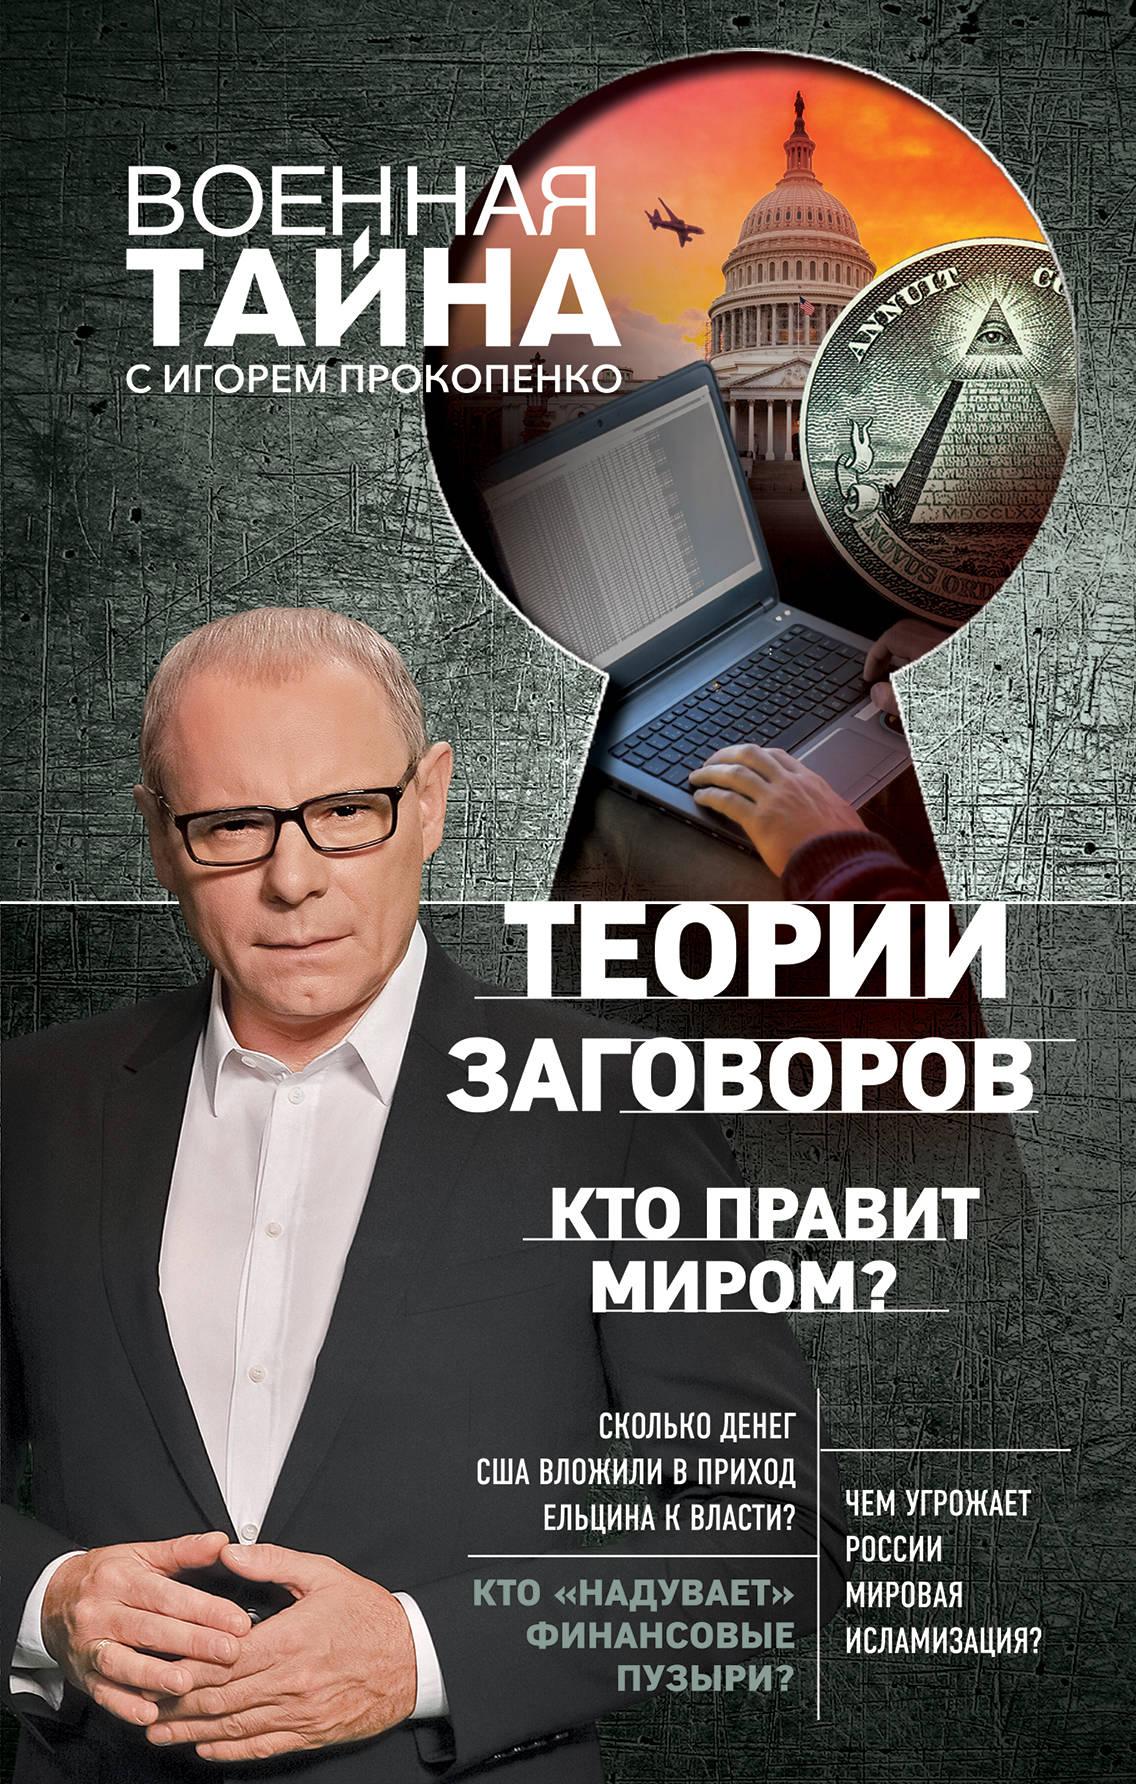 Прокопенко Игорь Станиславович Теории заговоров. Кто правит миром?